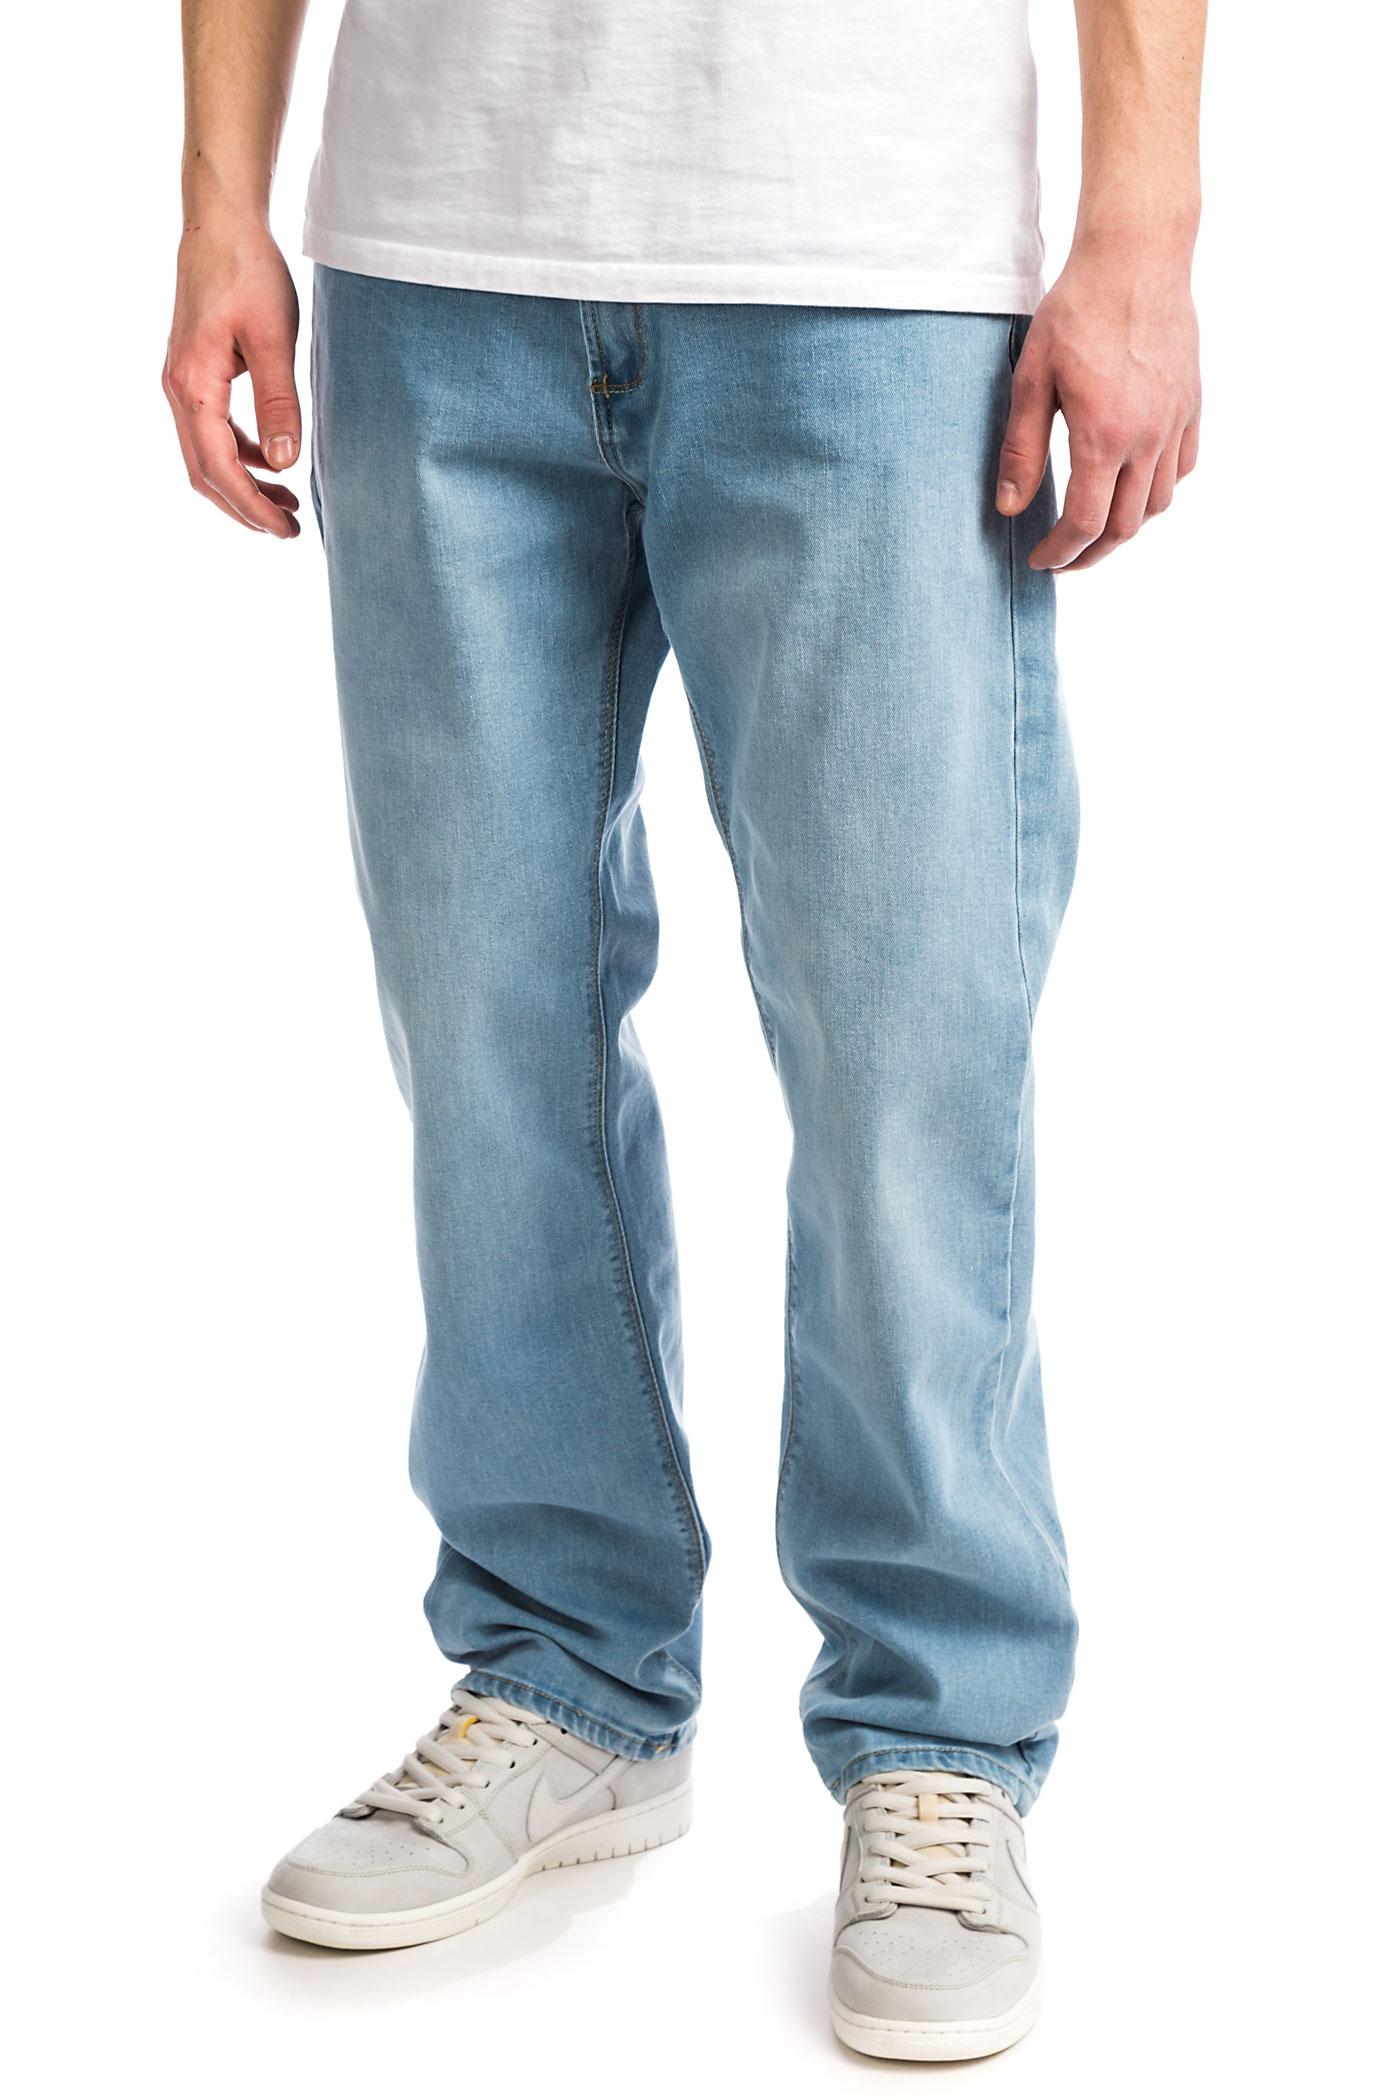 Reell Drifter Jeanslight Reell Drifter Blue 2 Jeanslight qUzMSVp